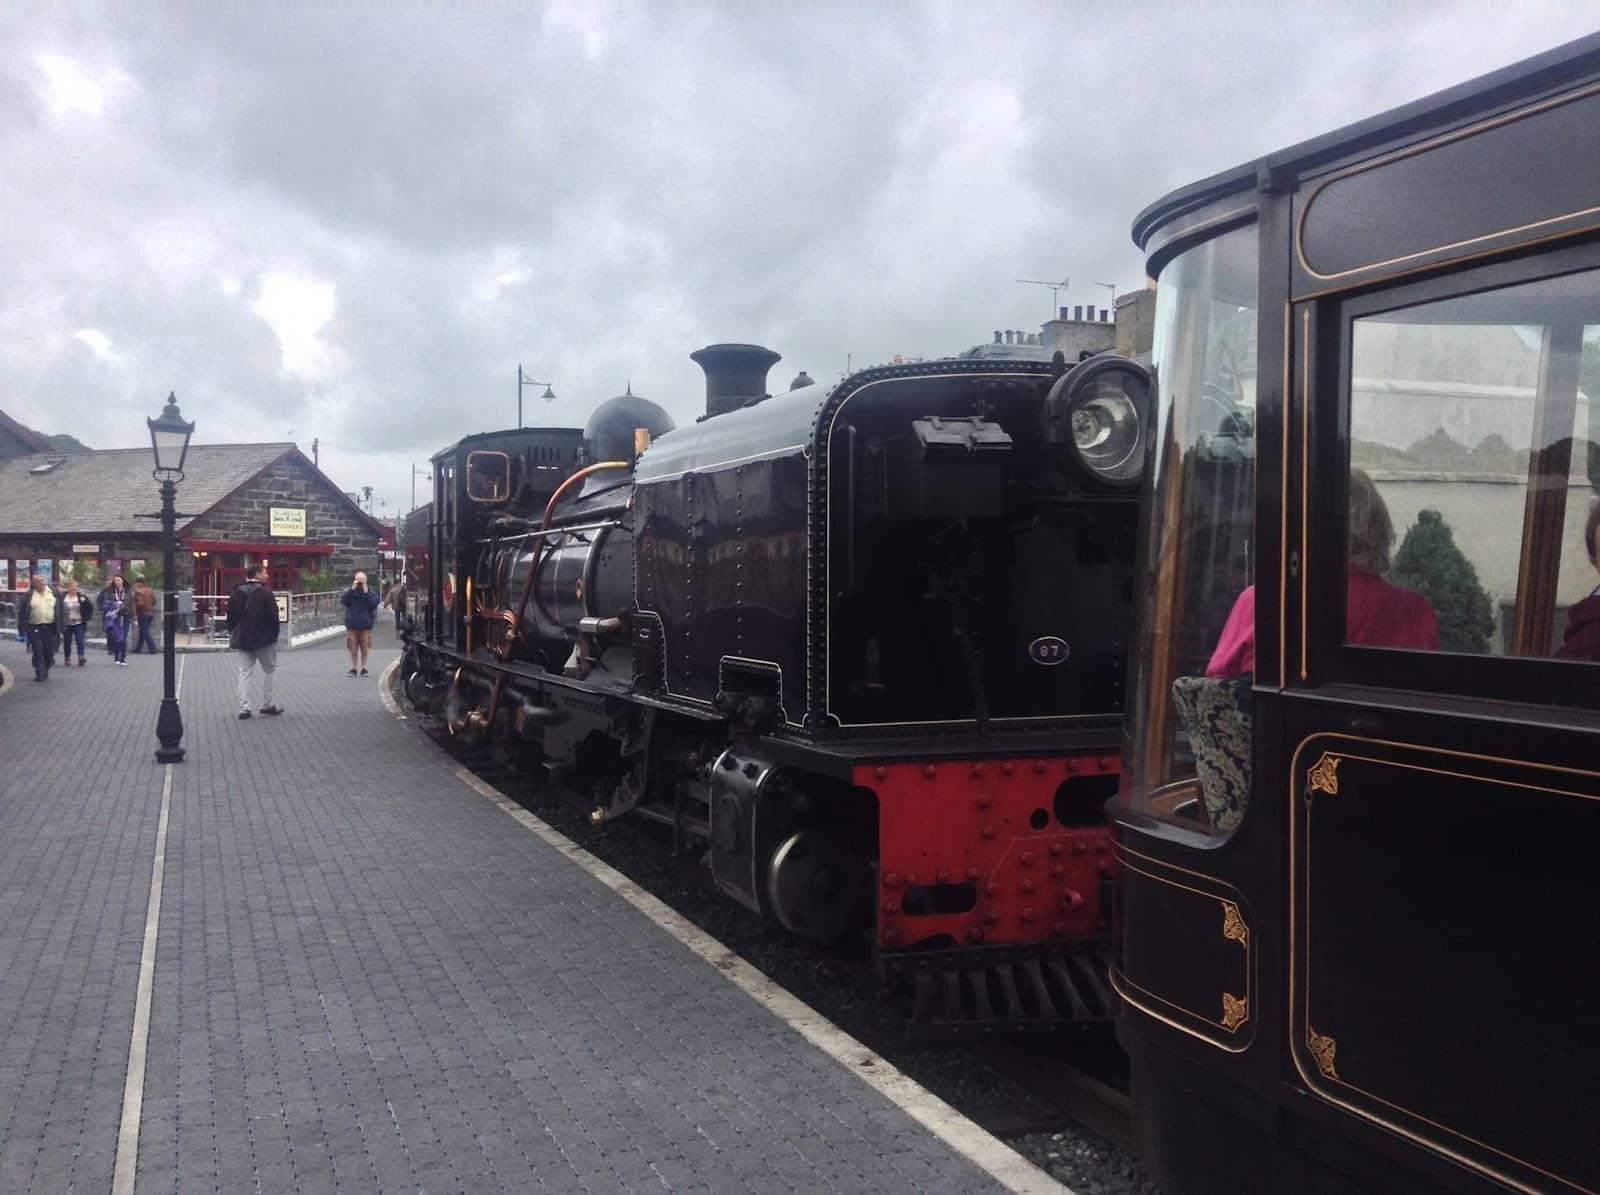 Garratt 87 at Porthmadog